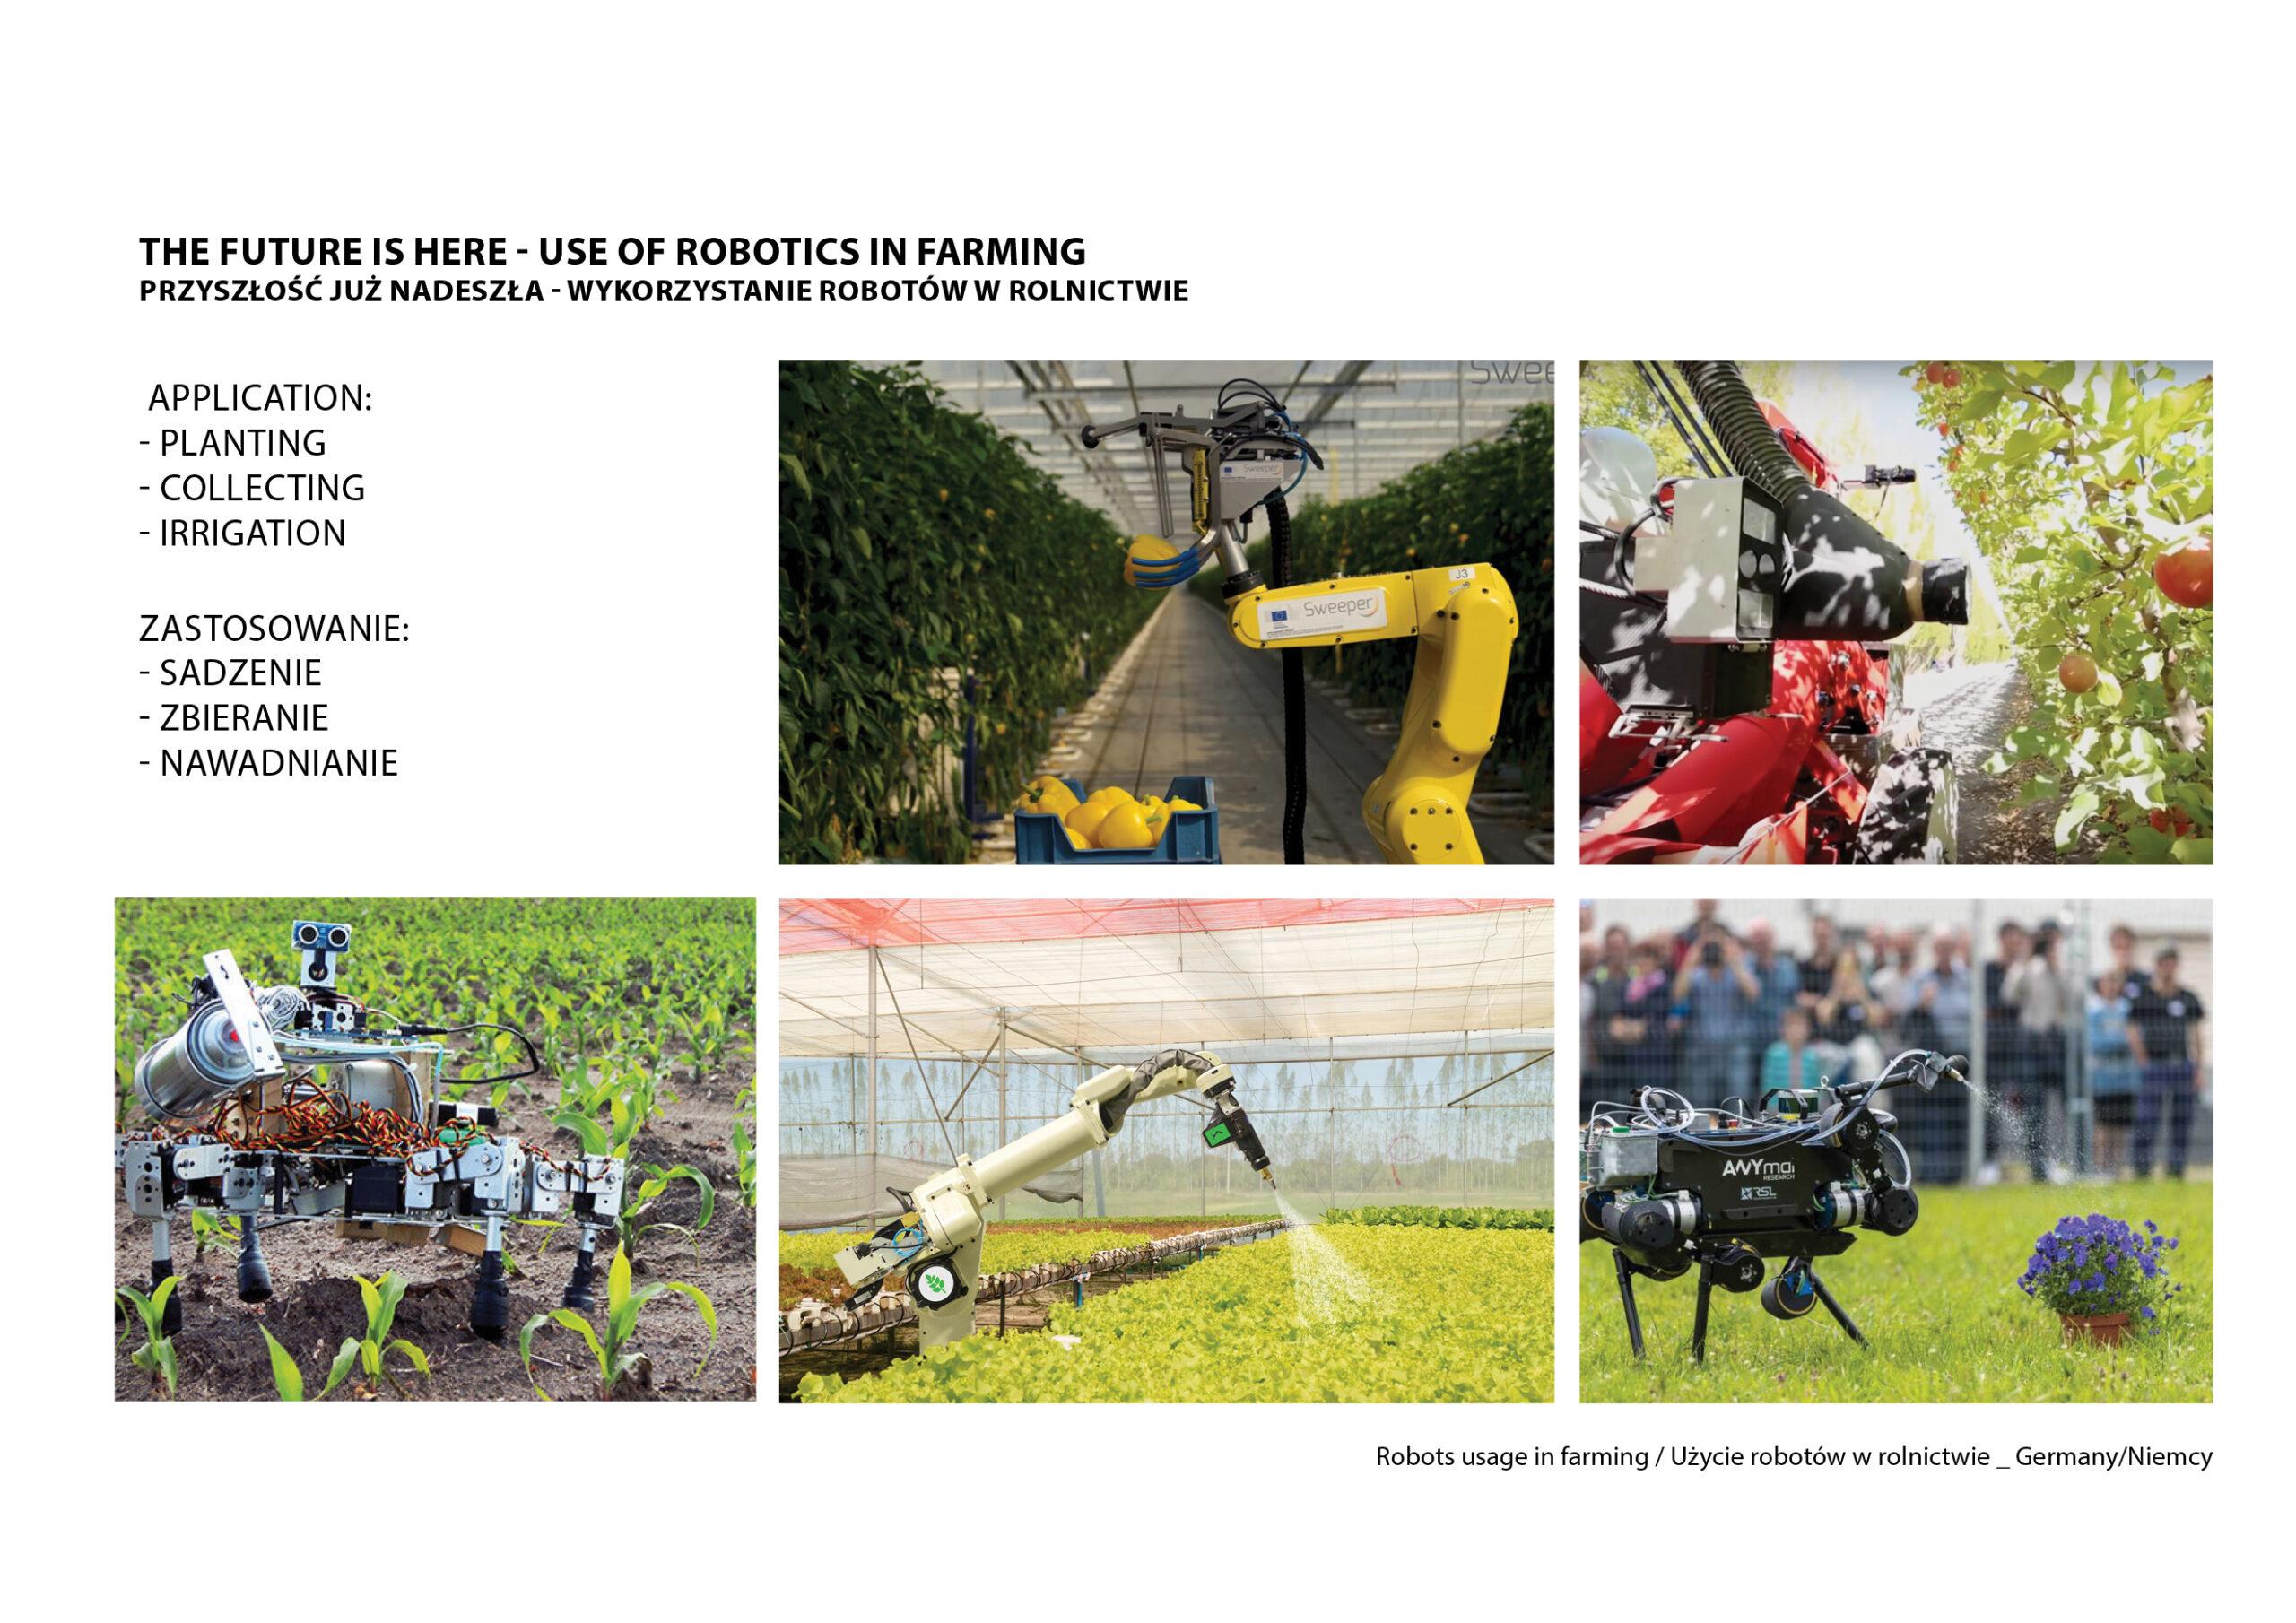 MJZ-Urban-Farming-XXI-Ogrody-Dzialkowe-Przyszlosci16-1